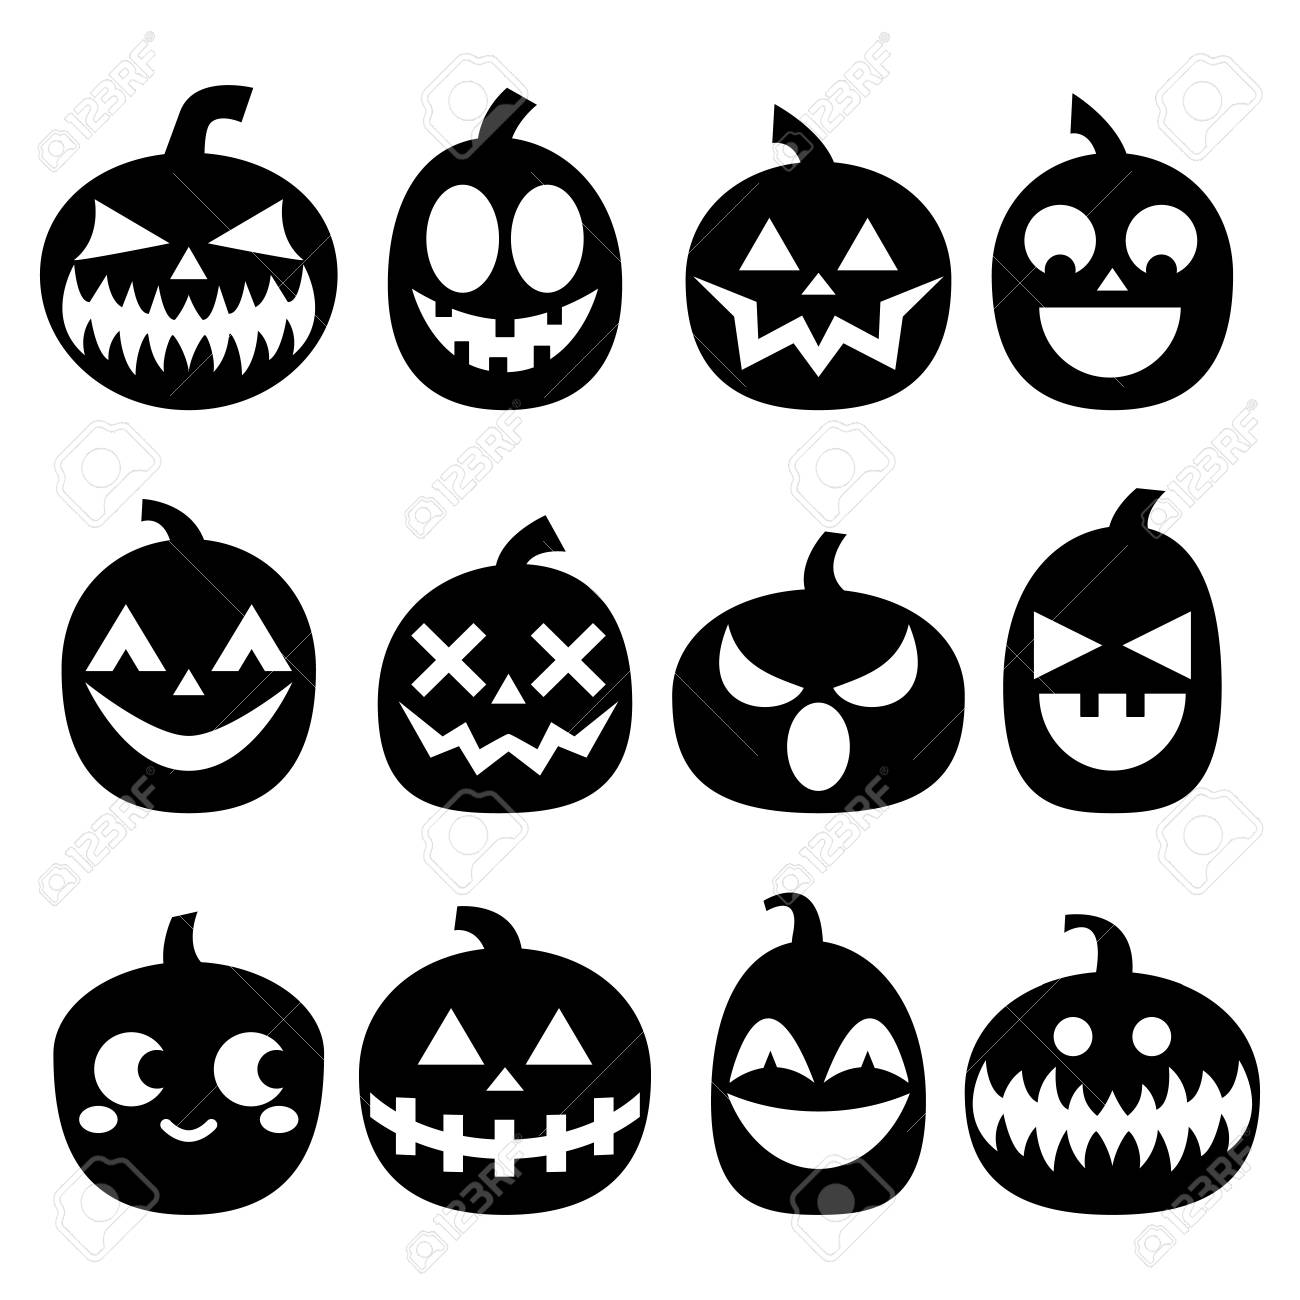 Les icônes de vecteur de citrouille ensemble, les dessins effrayants de  halloween, la décoration d\u0027horreur en noir sur fond blanc